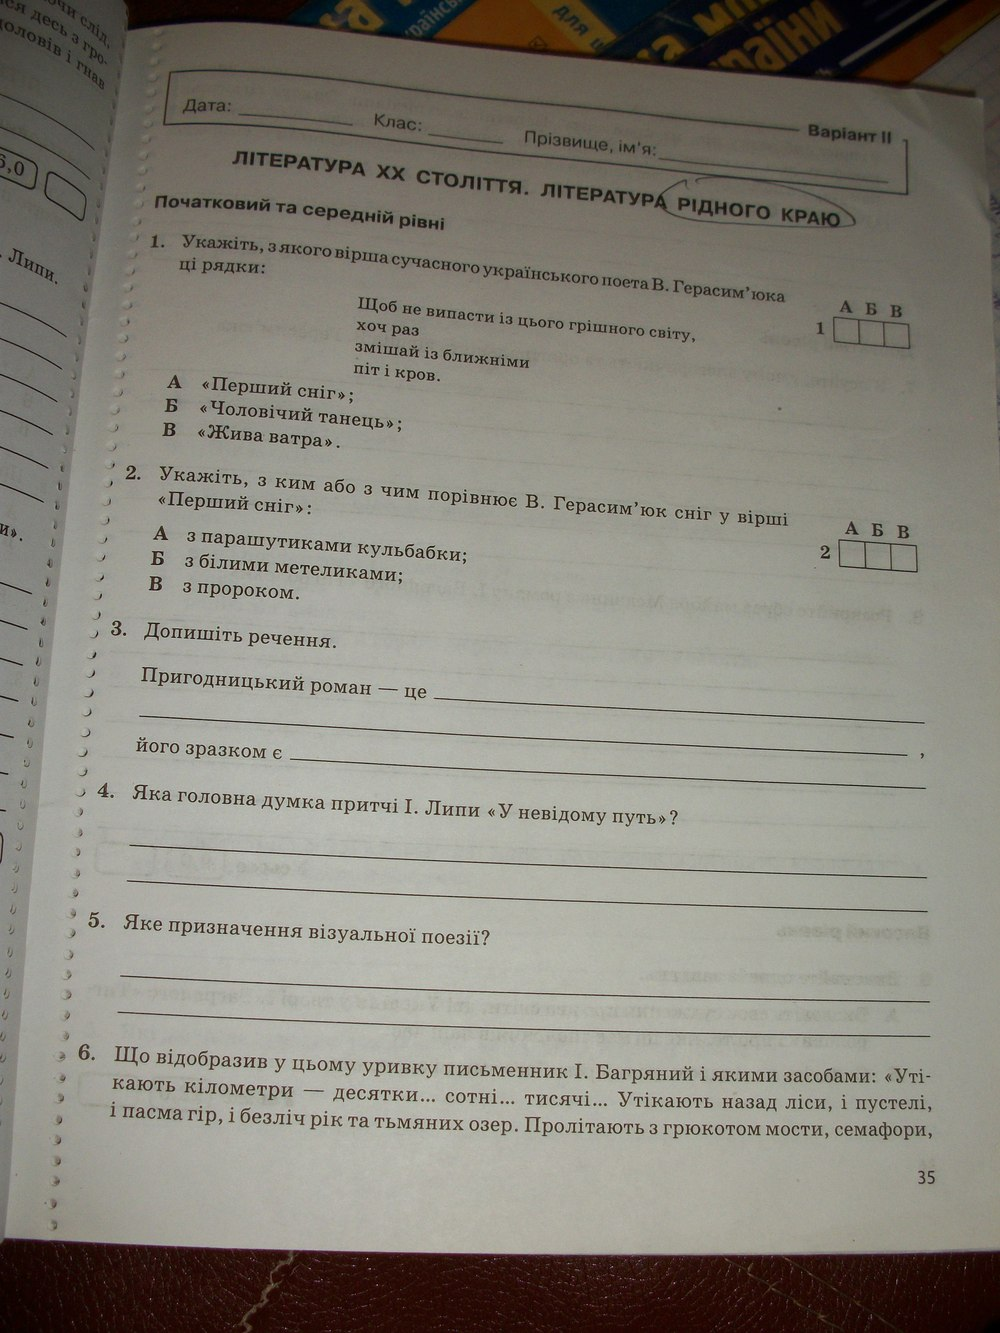 ГДЗ відповіді робочий зошит по литературе 9 класс В.В. Паращич. Задание: стр. 35